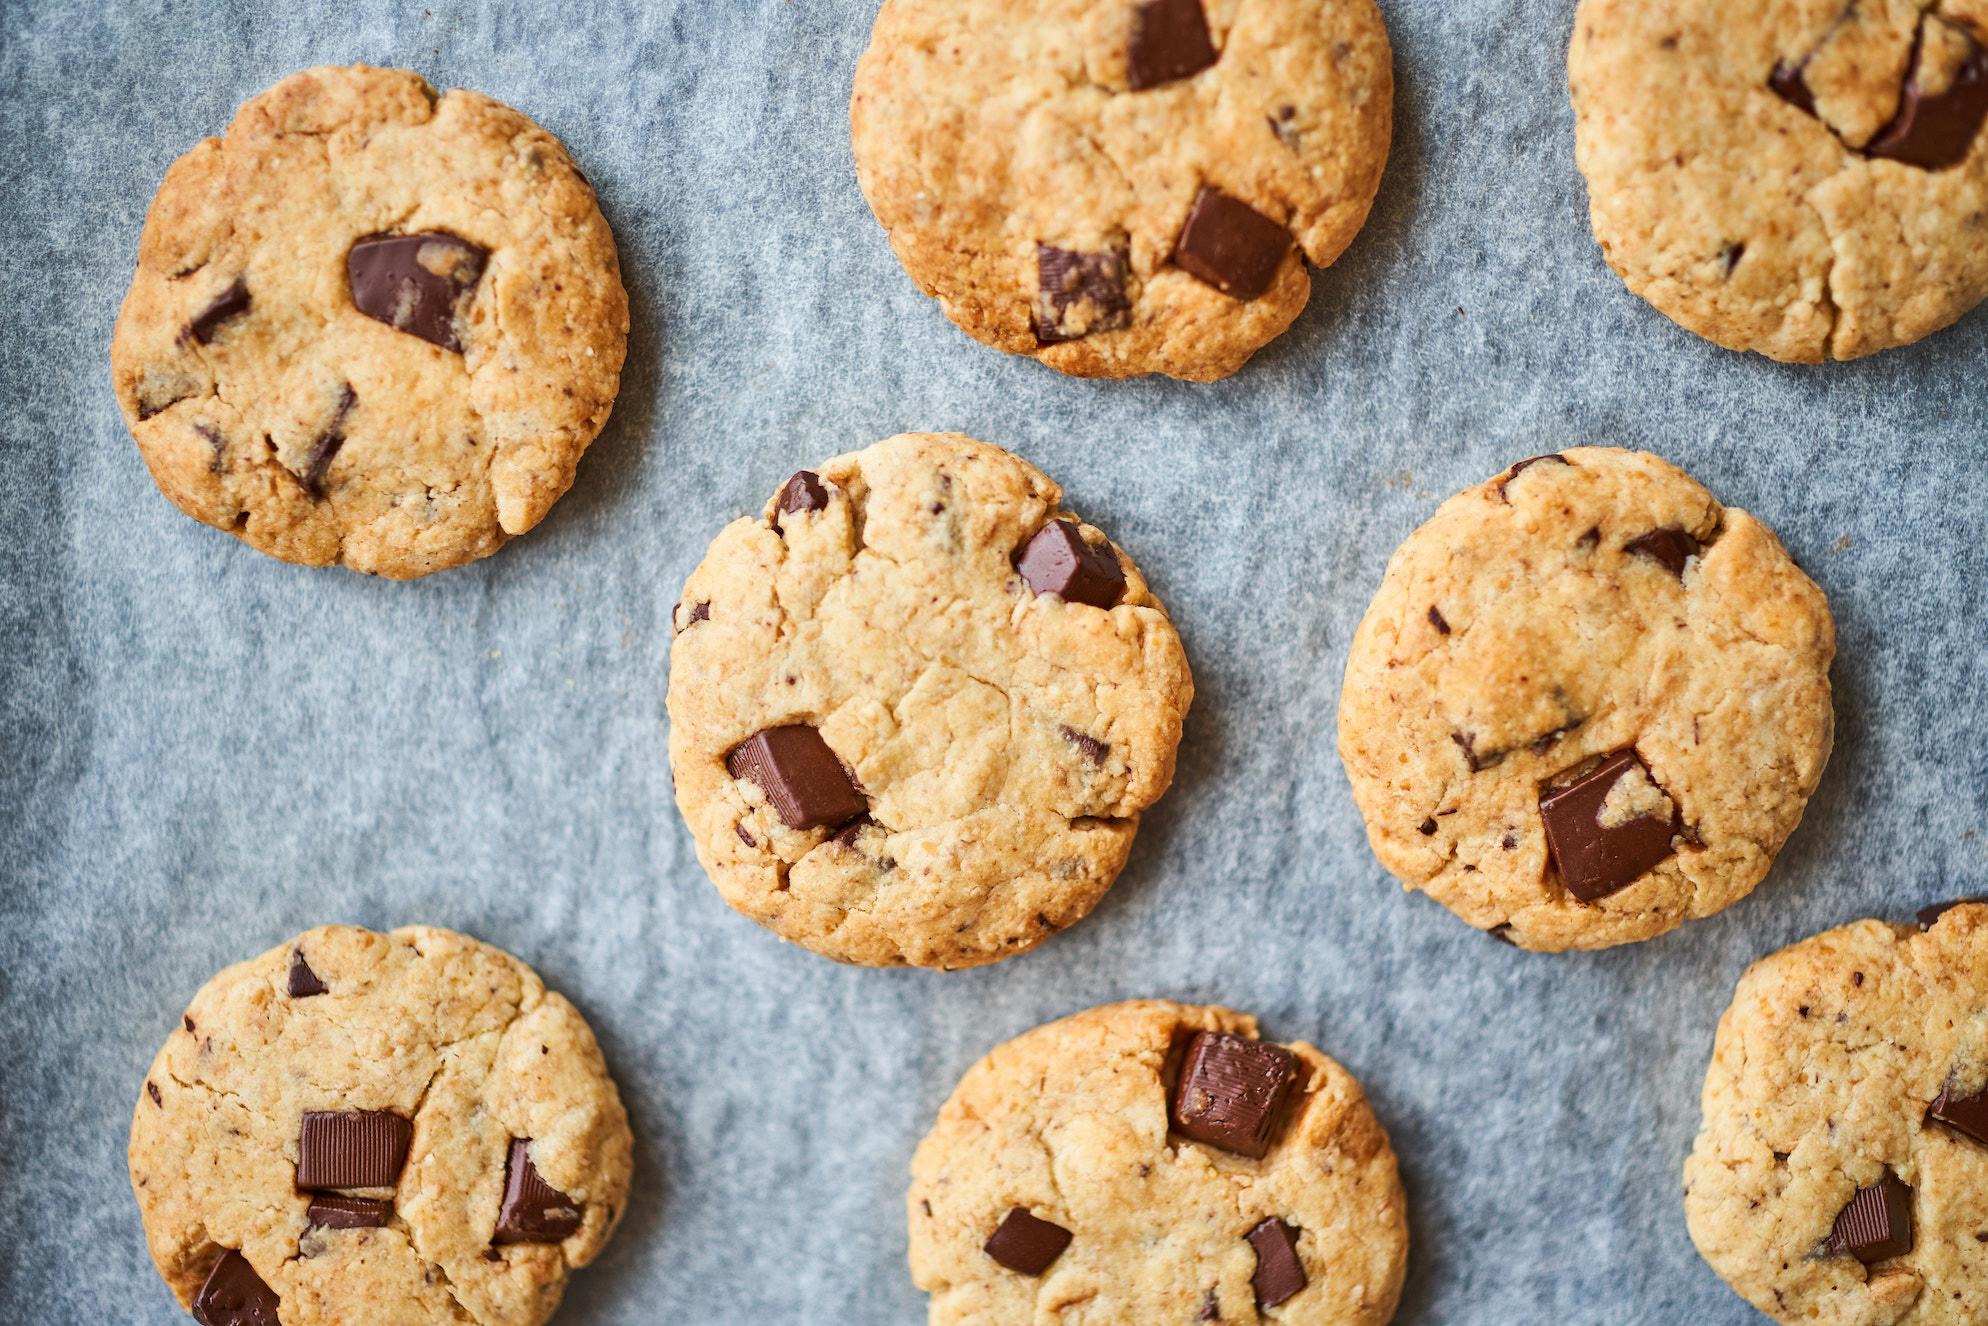 チョコ チャンク クッキー スタバの定番!「チョコチャンククッキー」の再現レシピを試そう